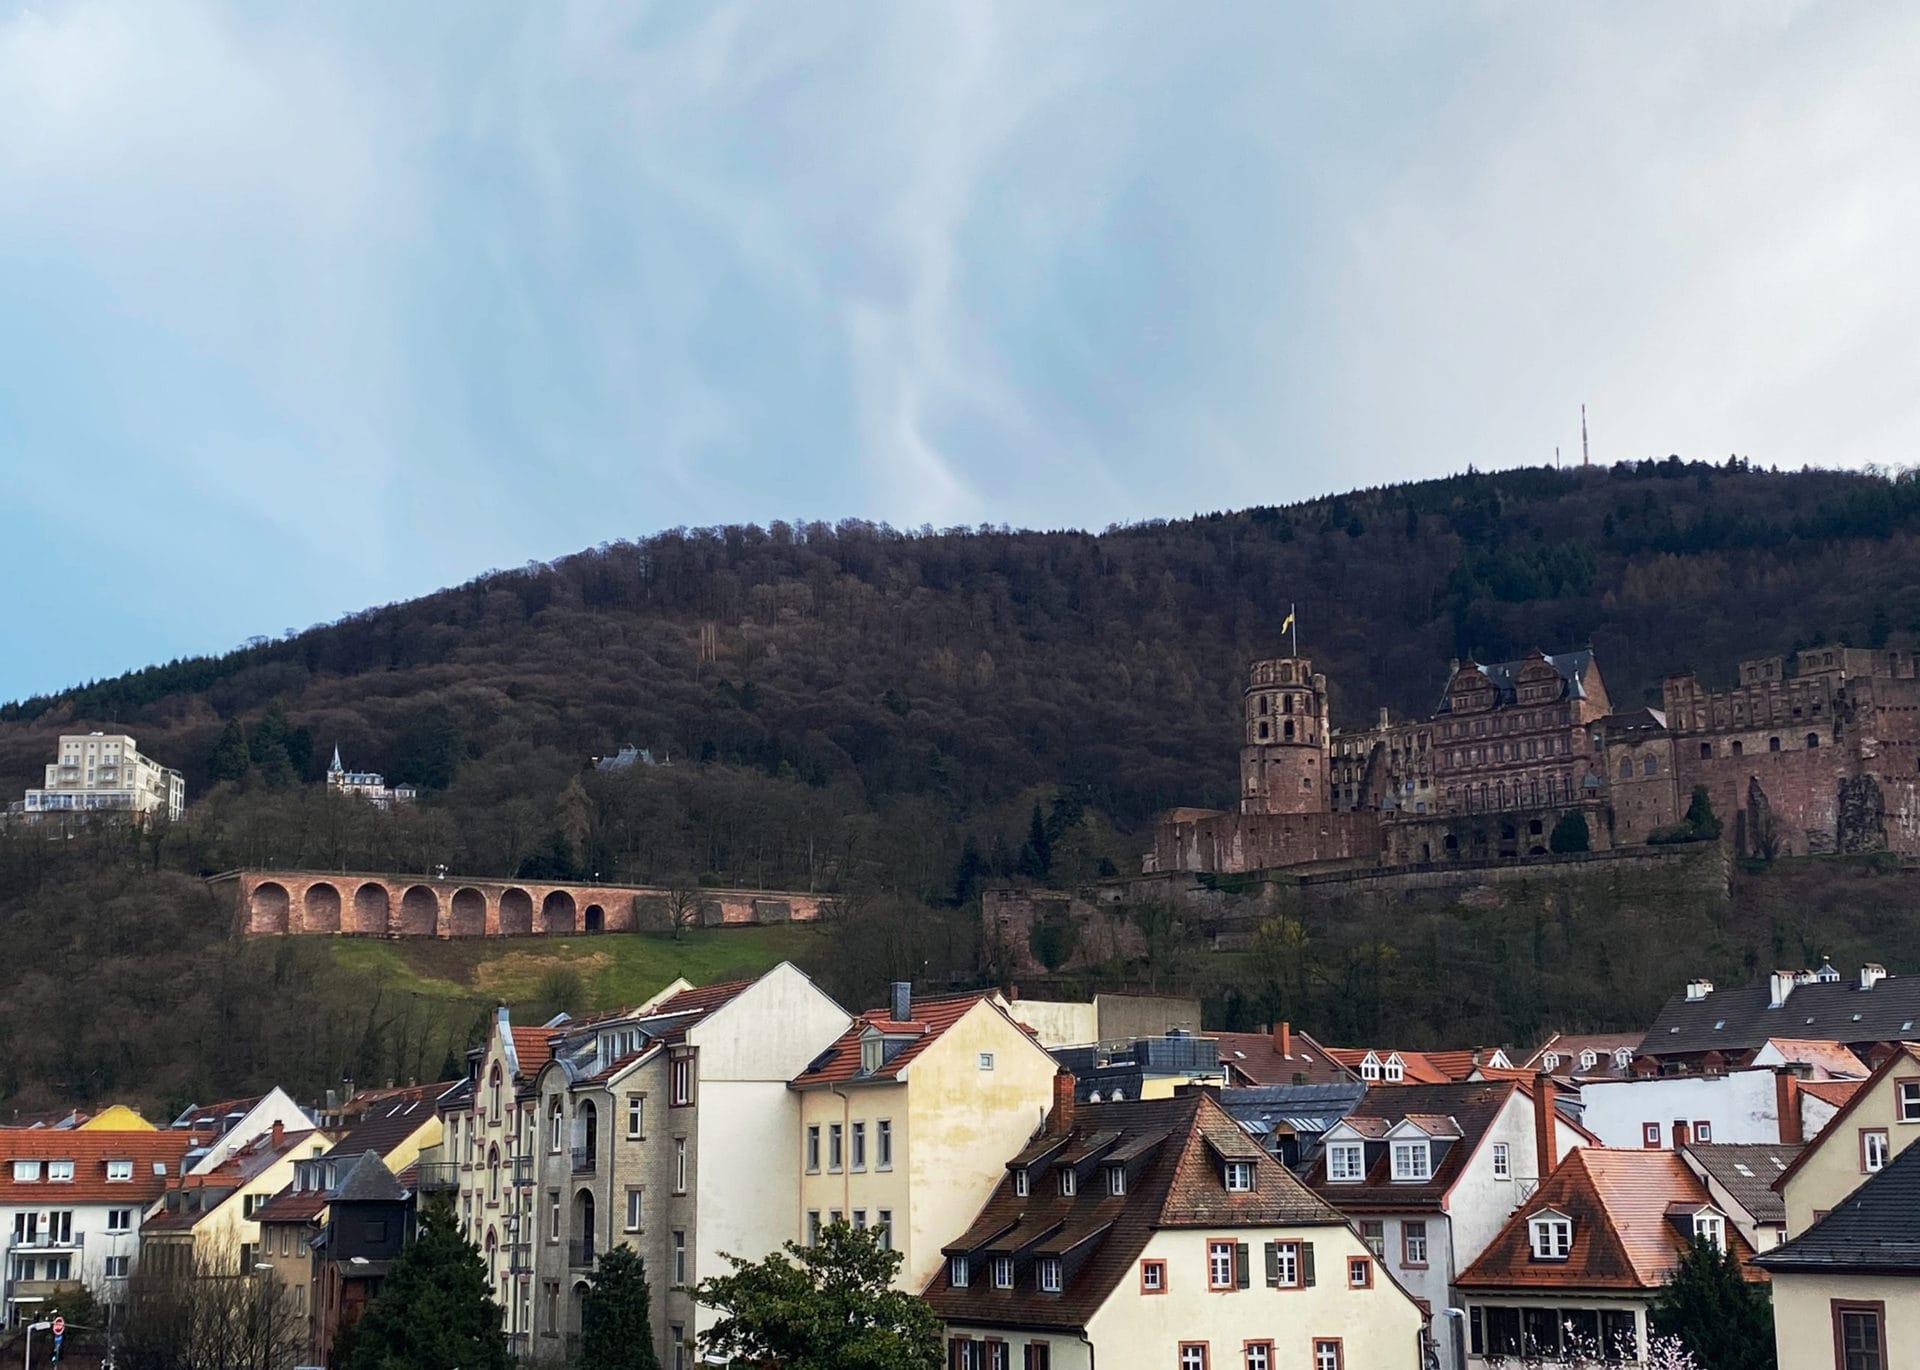 Aussicht auf Heidelberger Schloss